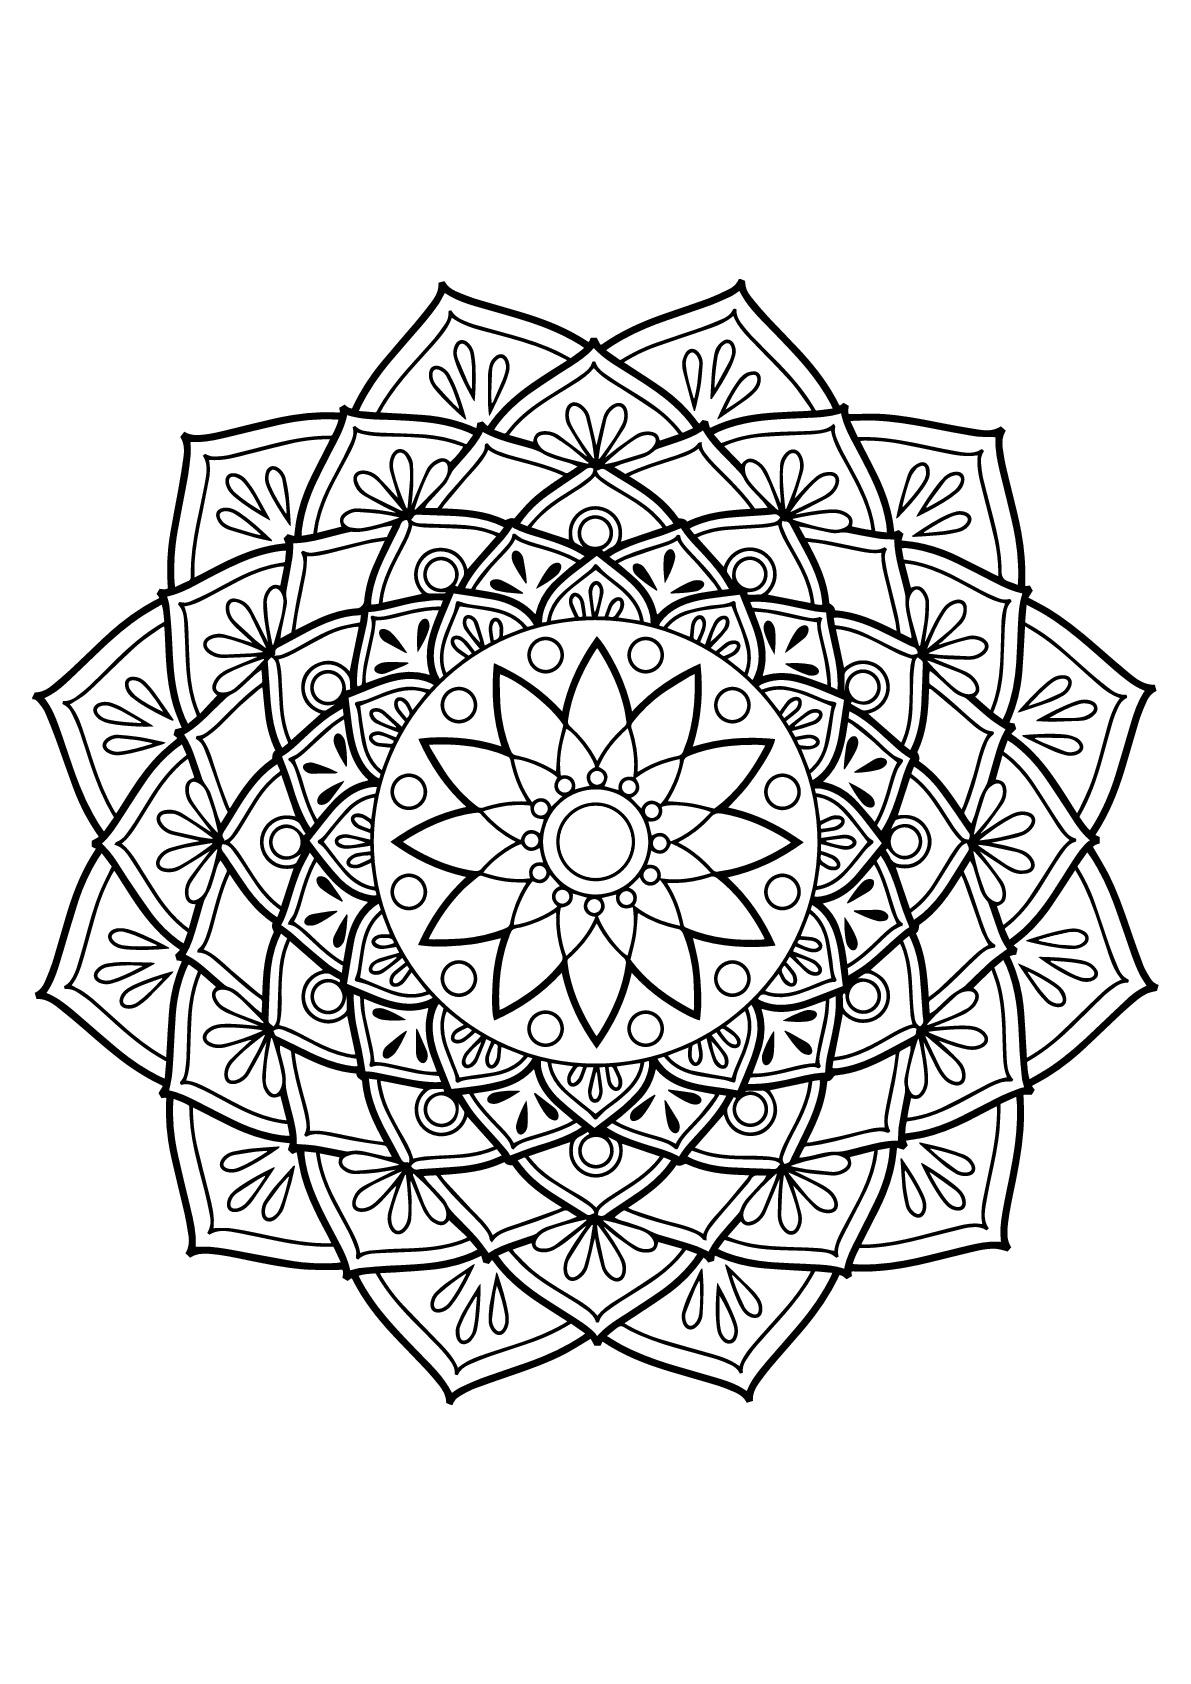 Mandala Livre Gratuit 19 - Mandalas - Coloriages avec Coloriage Mandala Adulte A Imprimer